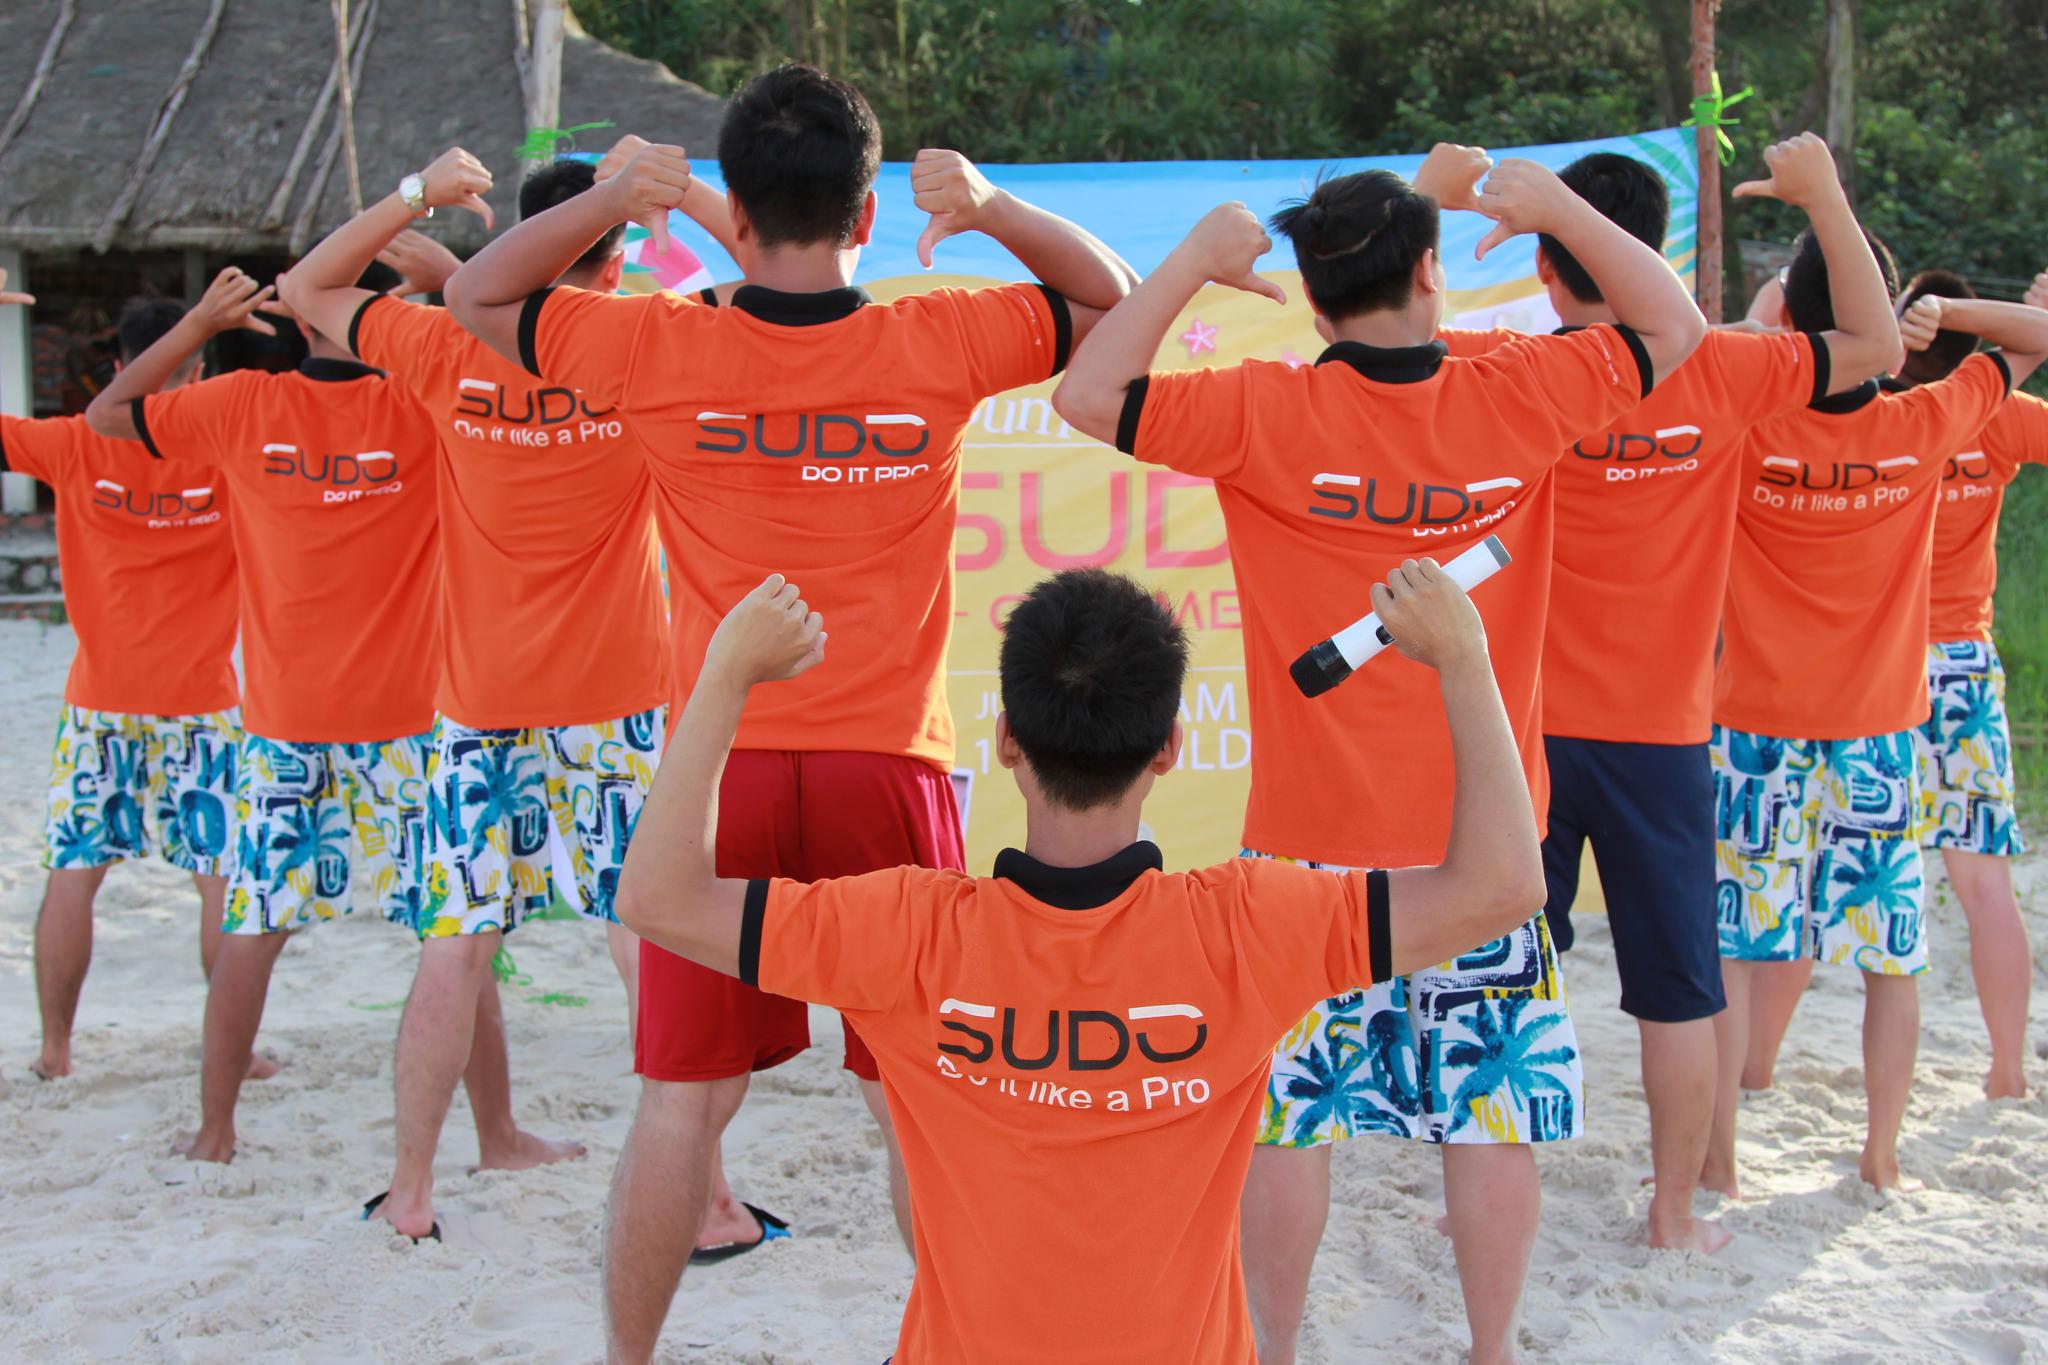 SUDO chính thức triển khai hệ thống CRM- sudoe.work